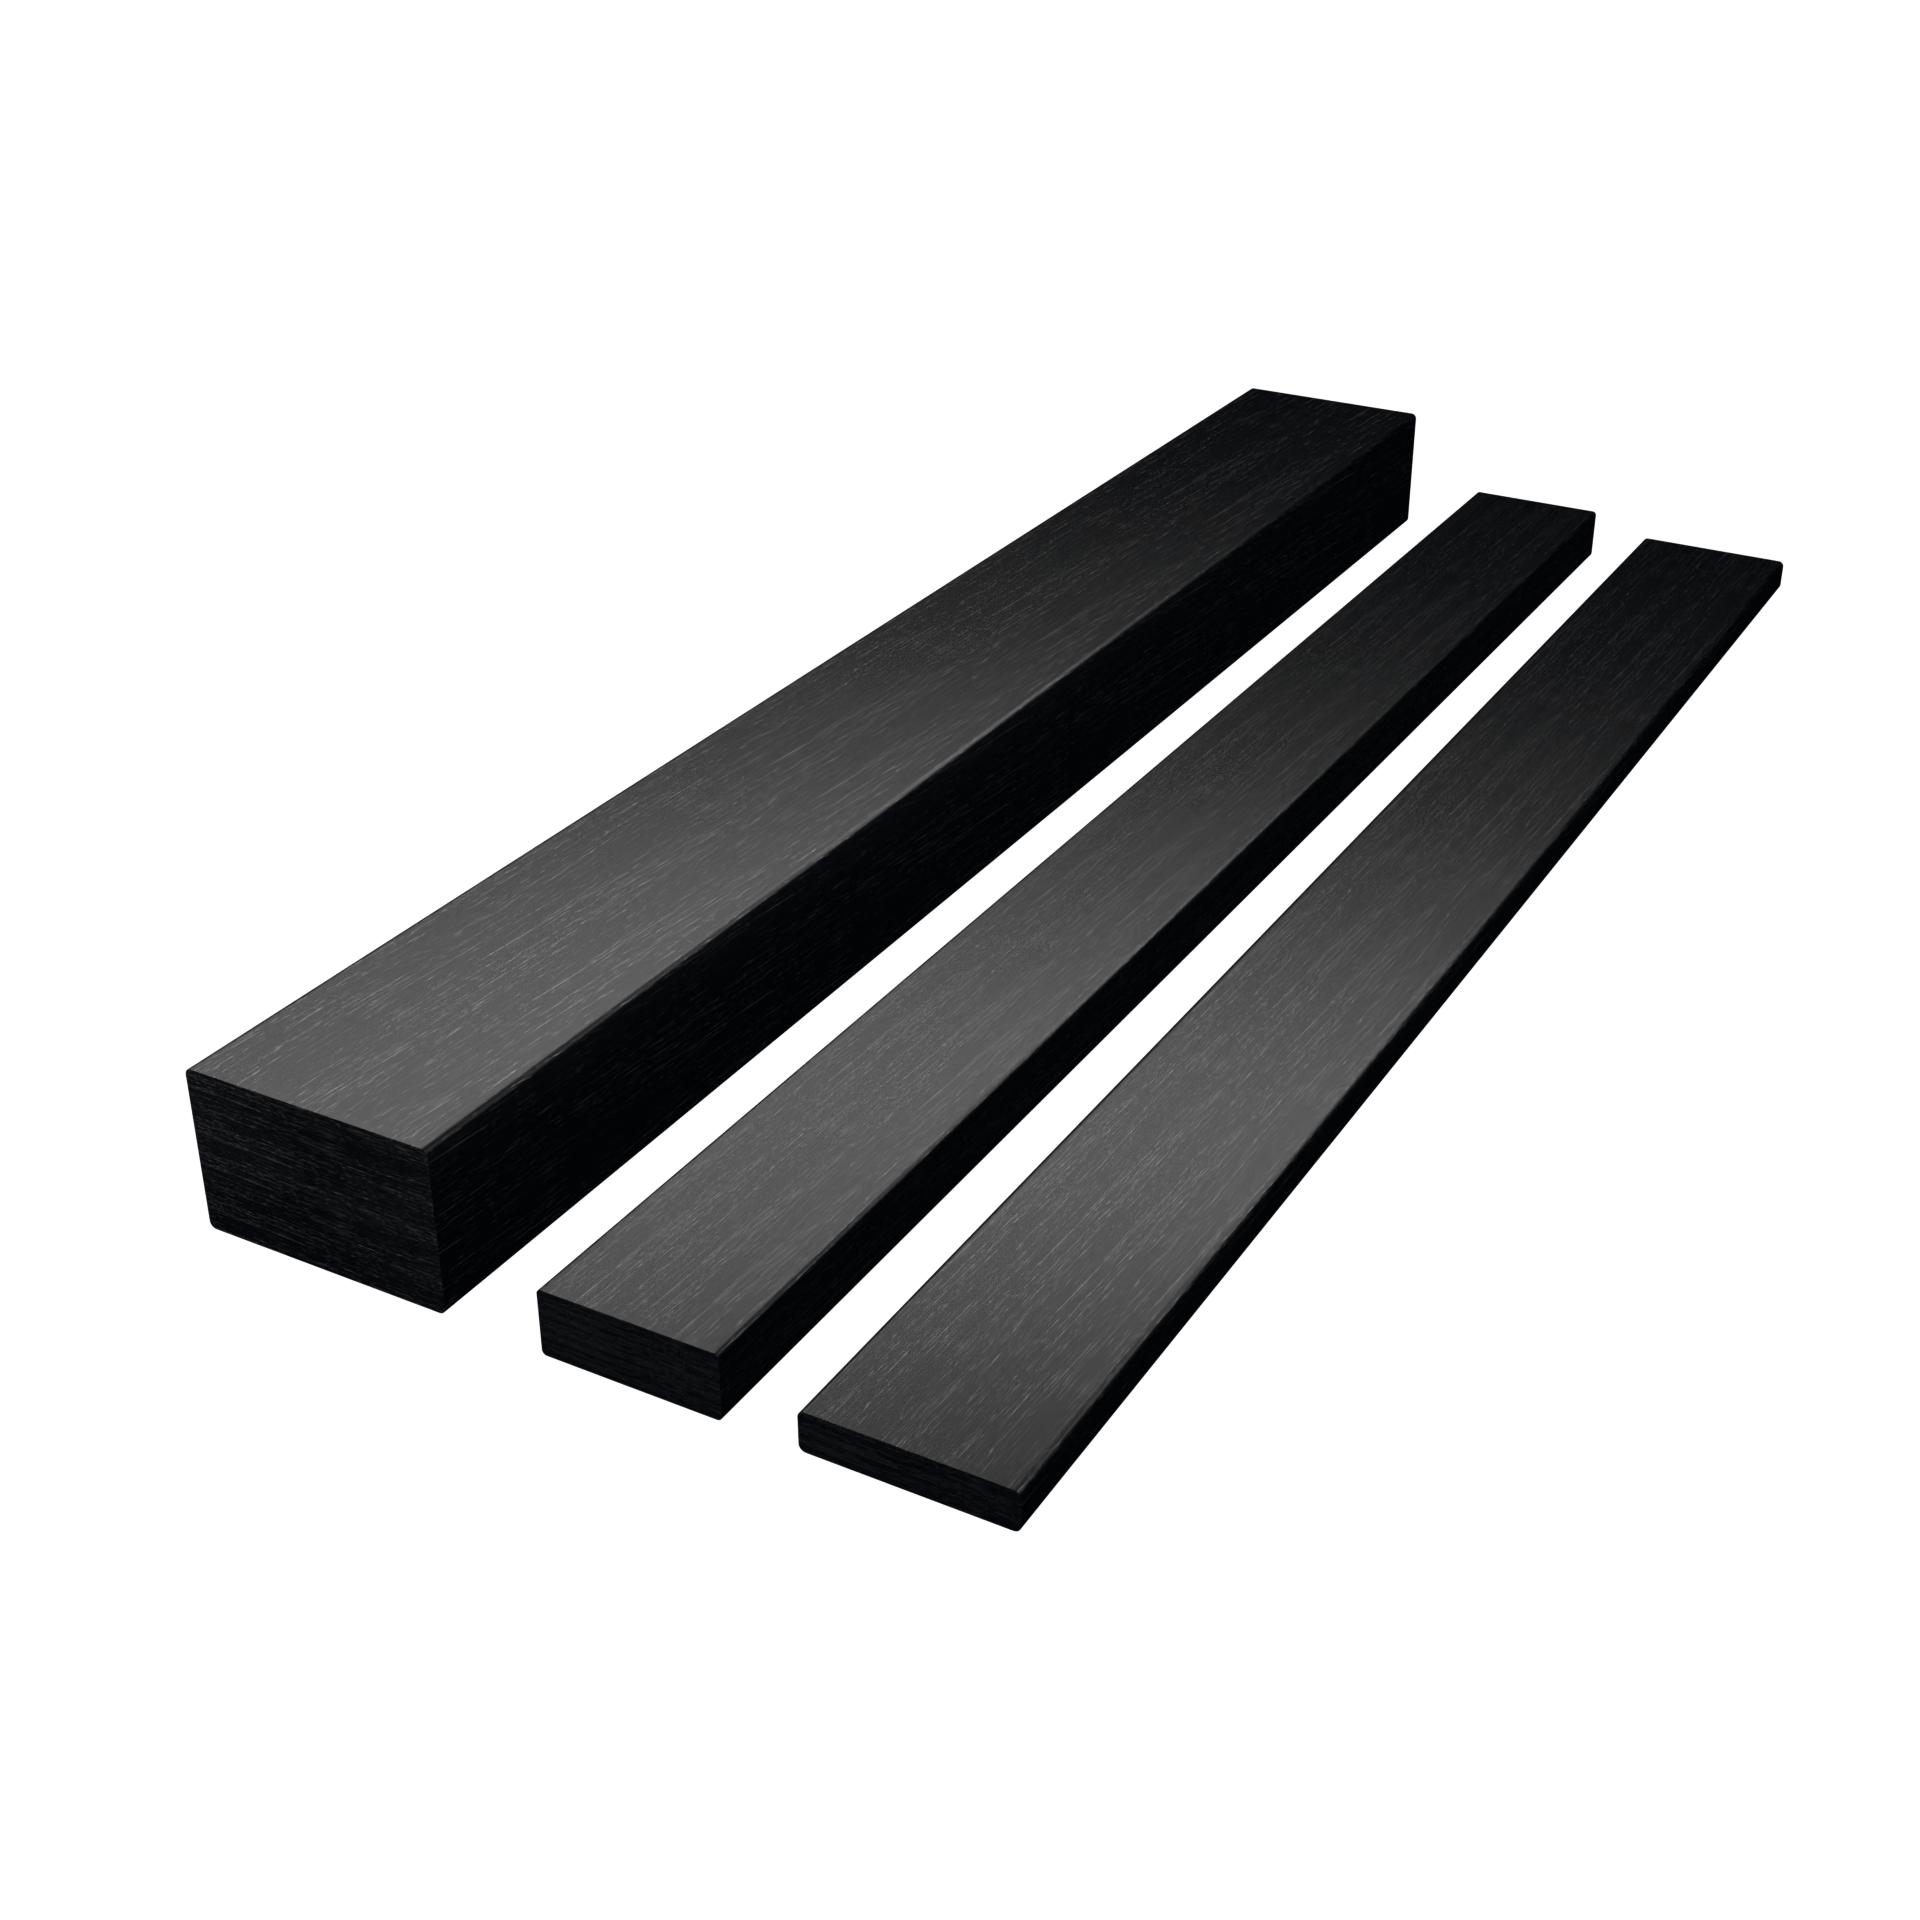 CarboSix carbon fibre Rectangular bars